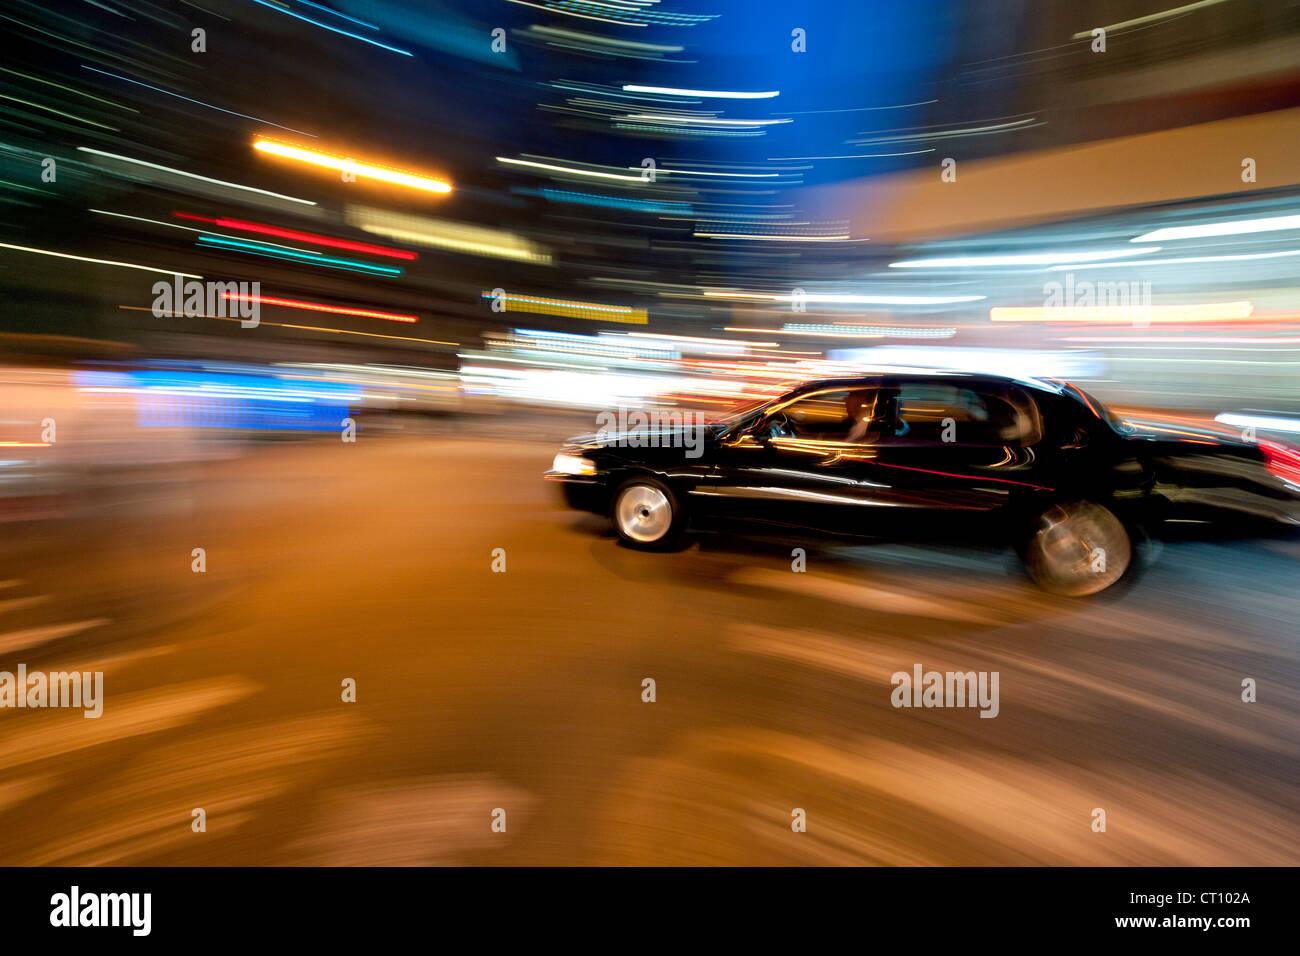 Movimiento-imagen borrosa de un sedán negro conduciendo a través de Manhattan en Nueva York en la noche. Imagen De Stock